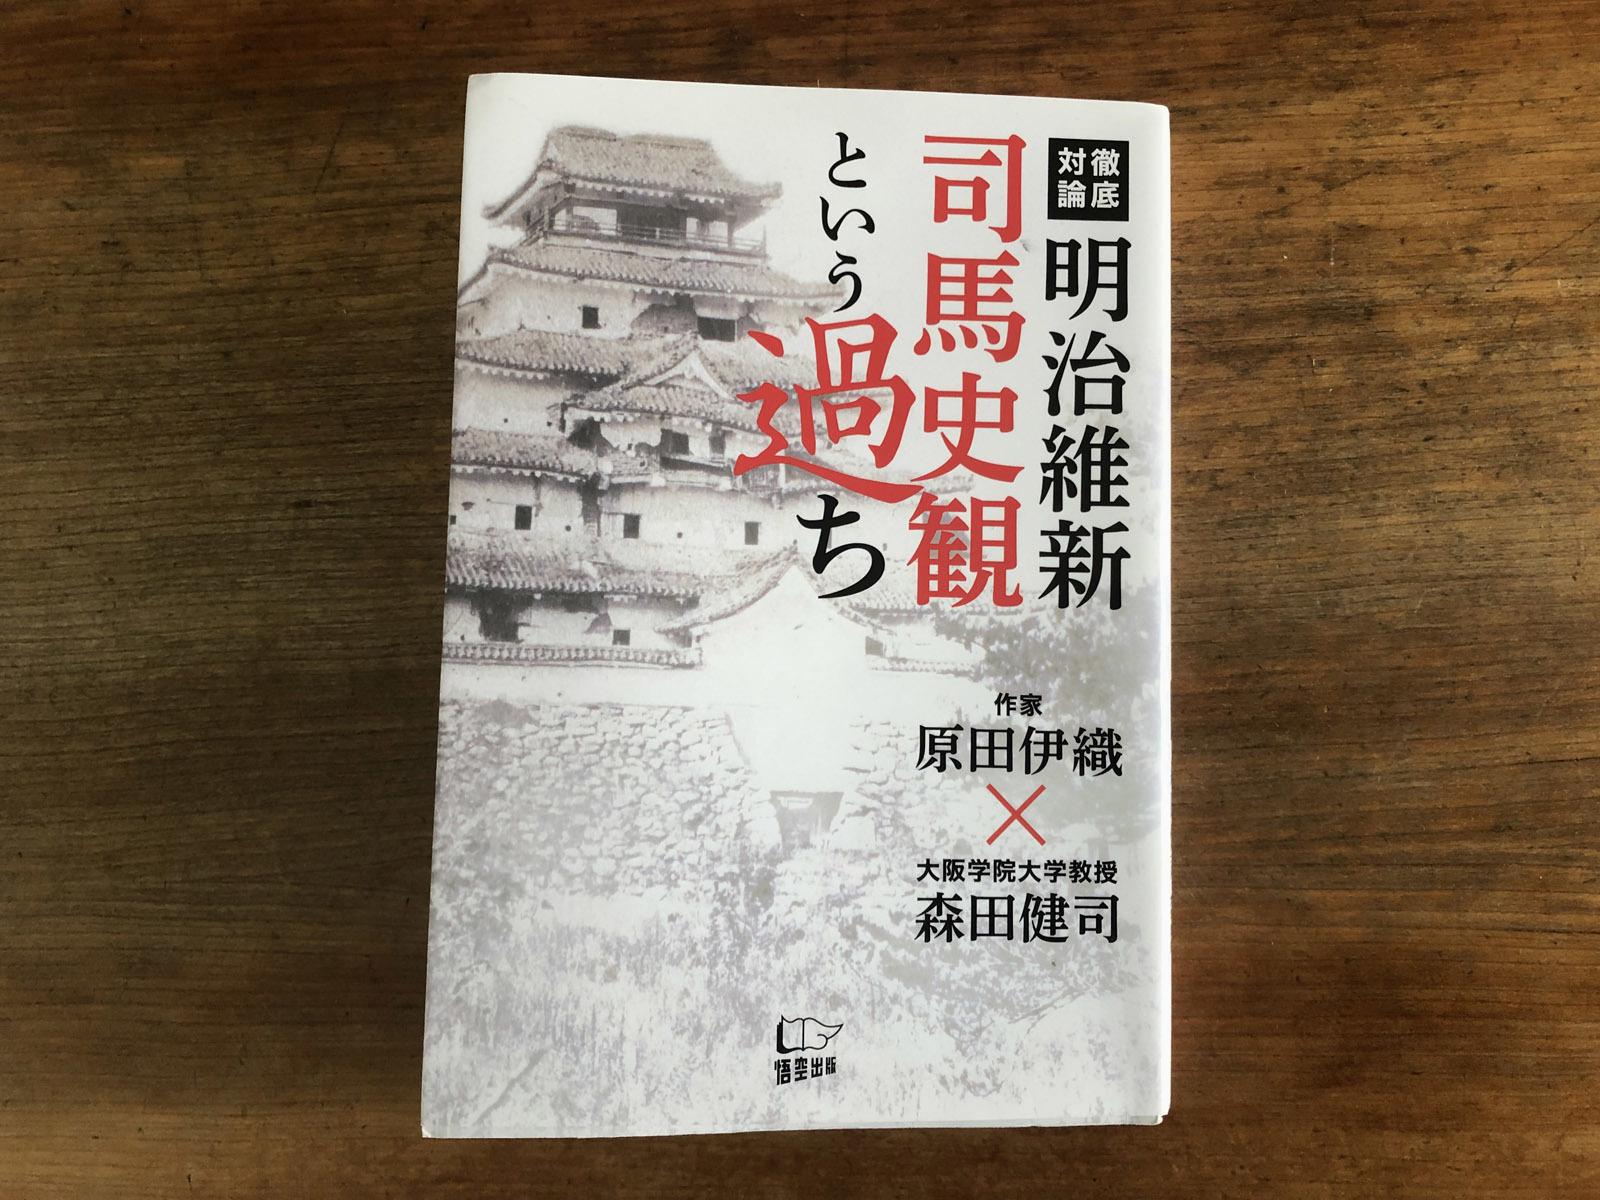 「司馬史観」という過ち 私は何故「明治維新史」を読むのか?_e0367501_13502547.jpg